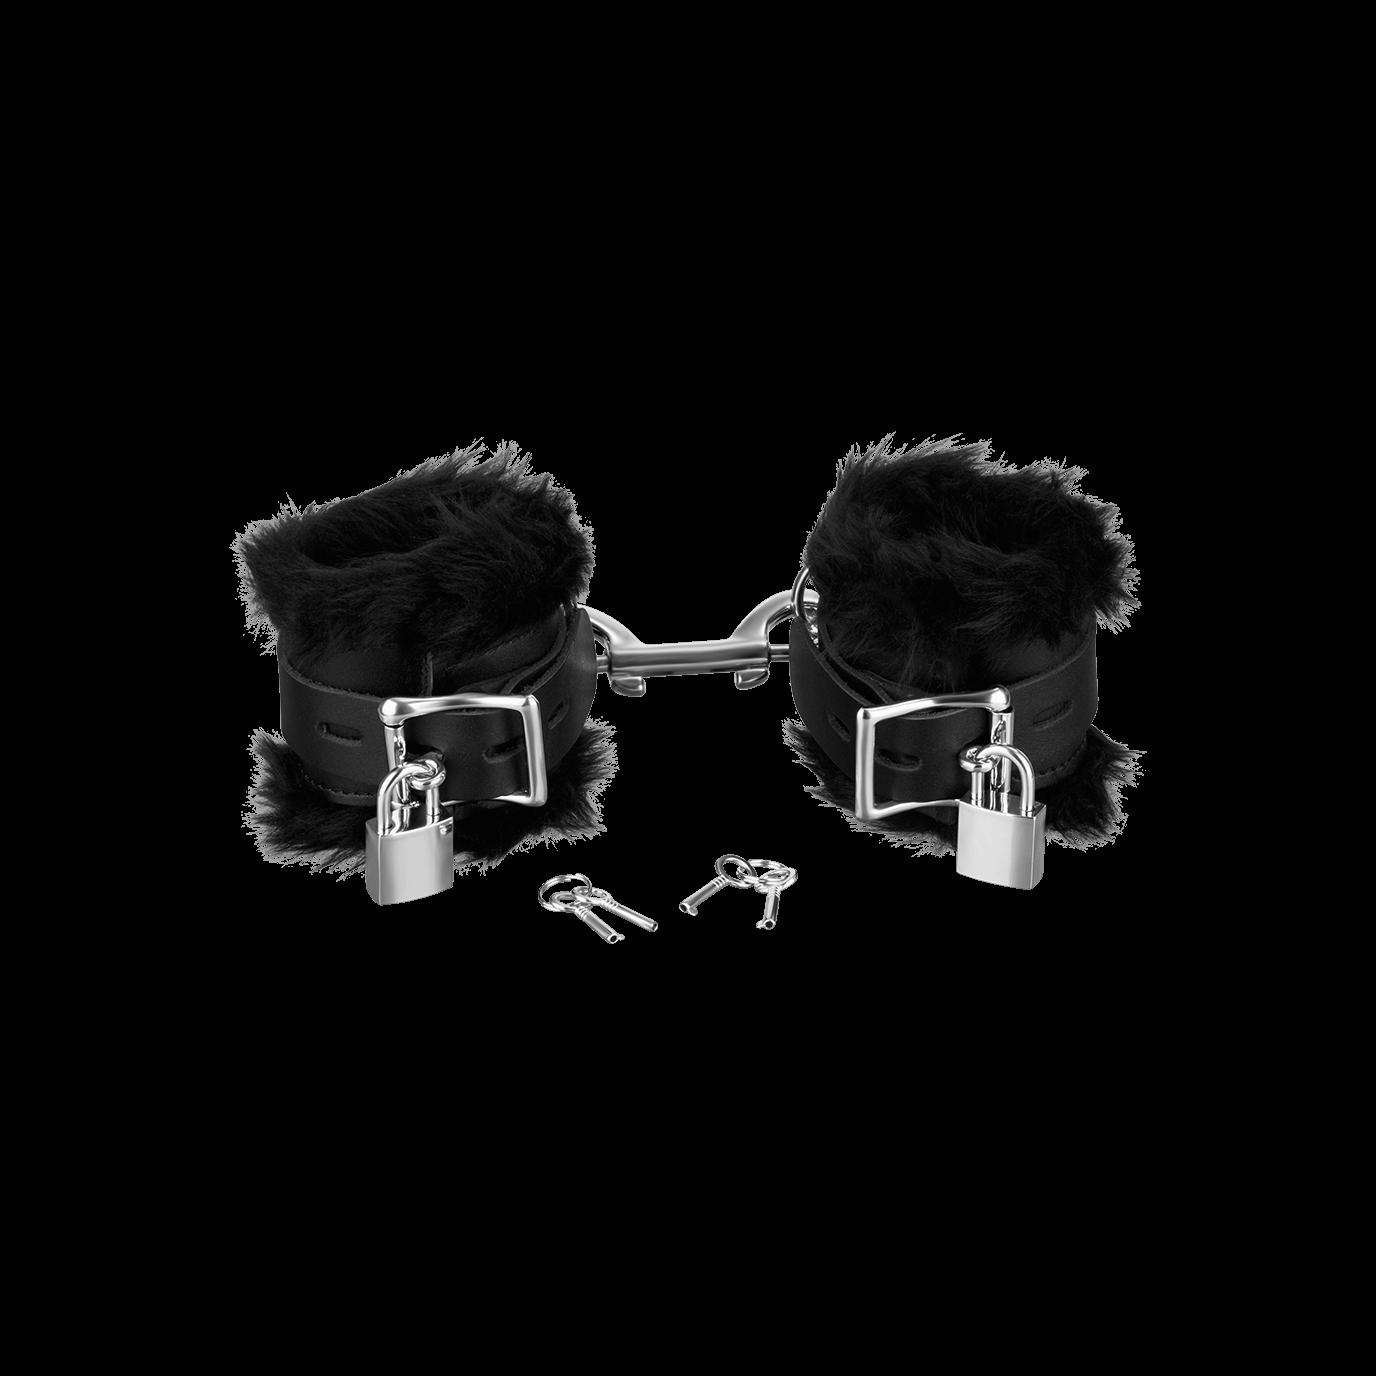 Rimba Leder-Handfesseln mit Plüsch und abschließbar, schwarz jetztbilligerkaufen